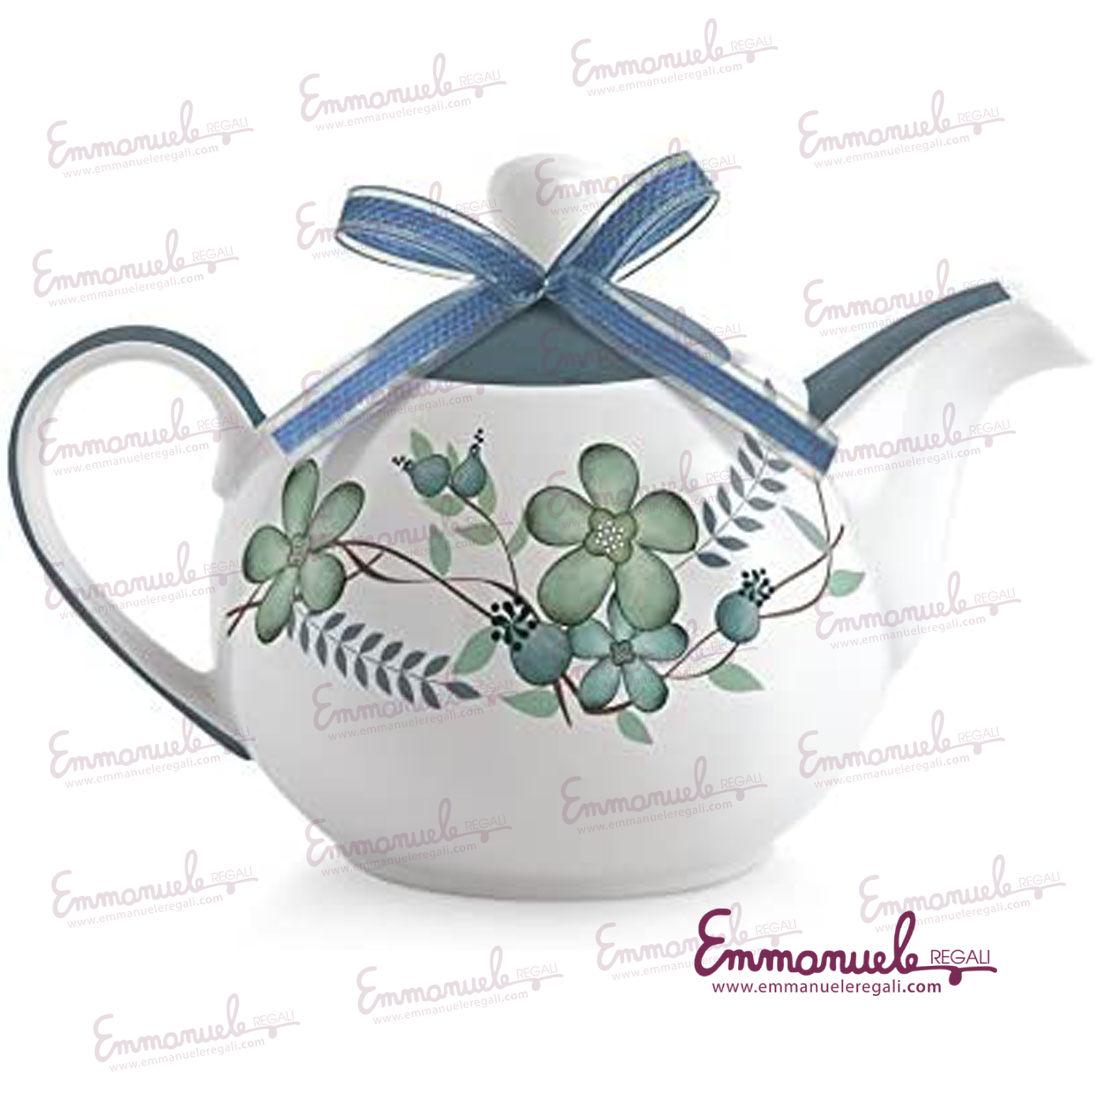 PTE81S-AZ-Tea for Two azzurra 470 ml - Egan-emmanueleregali-bombonieraperfetta